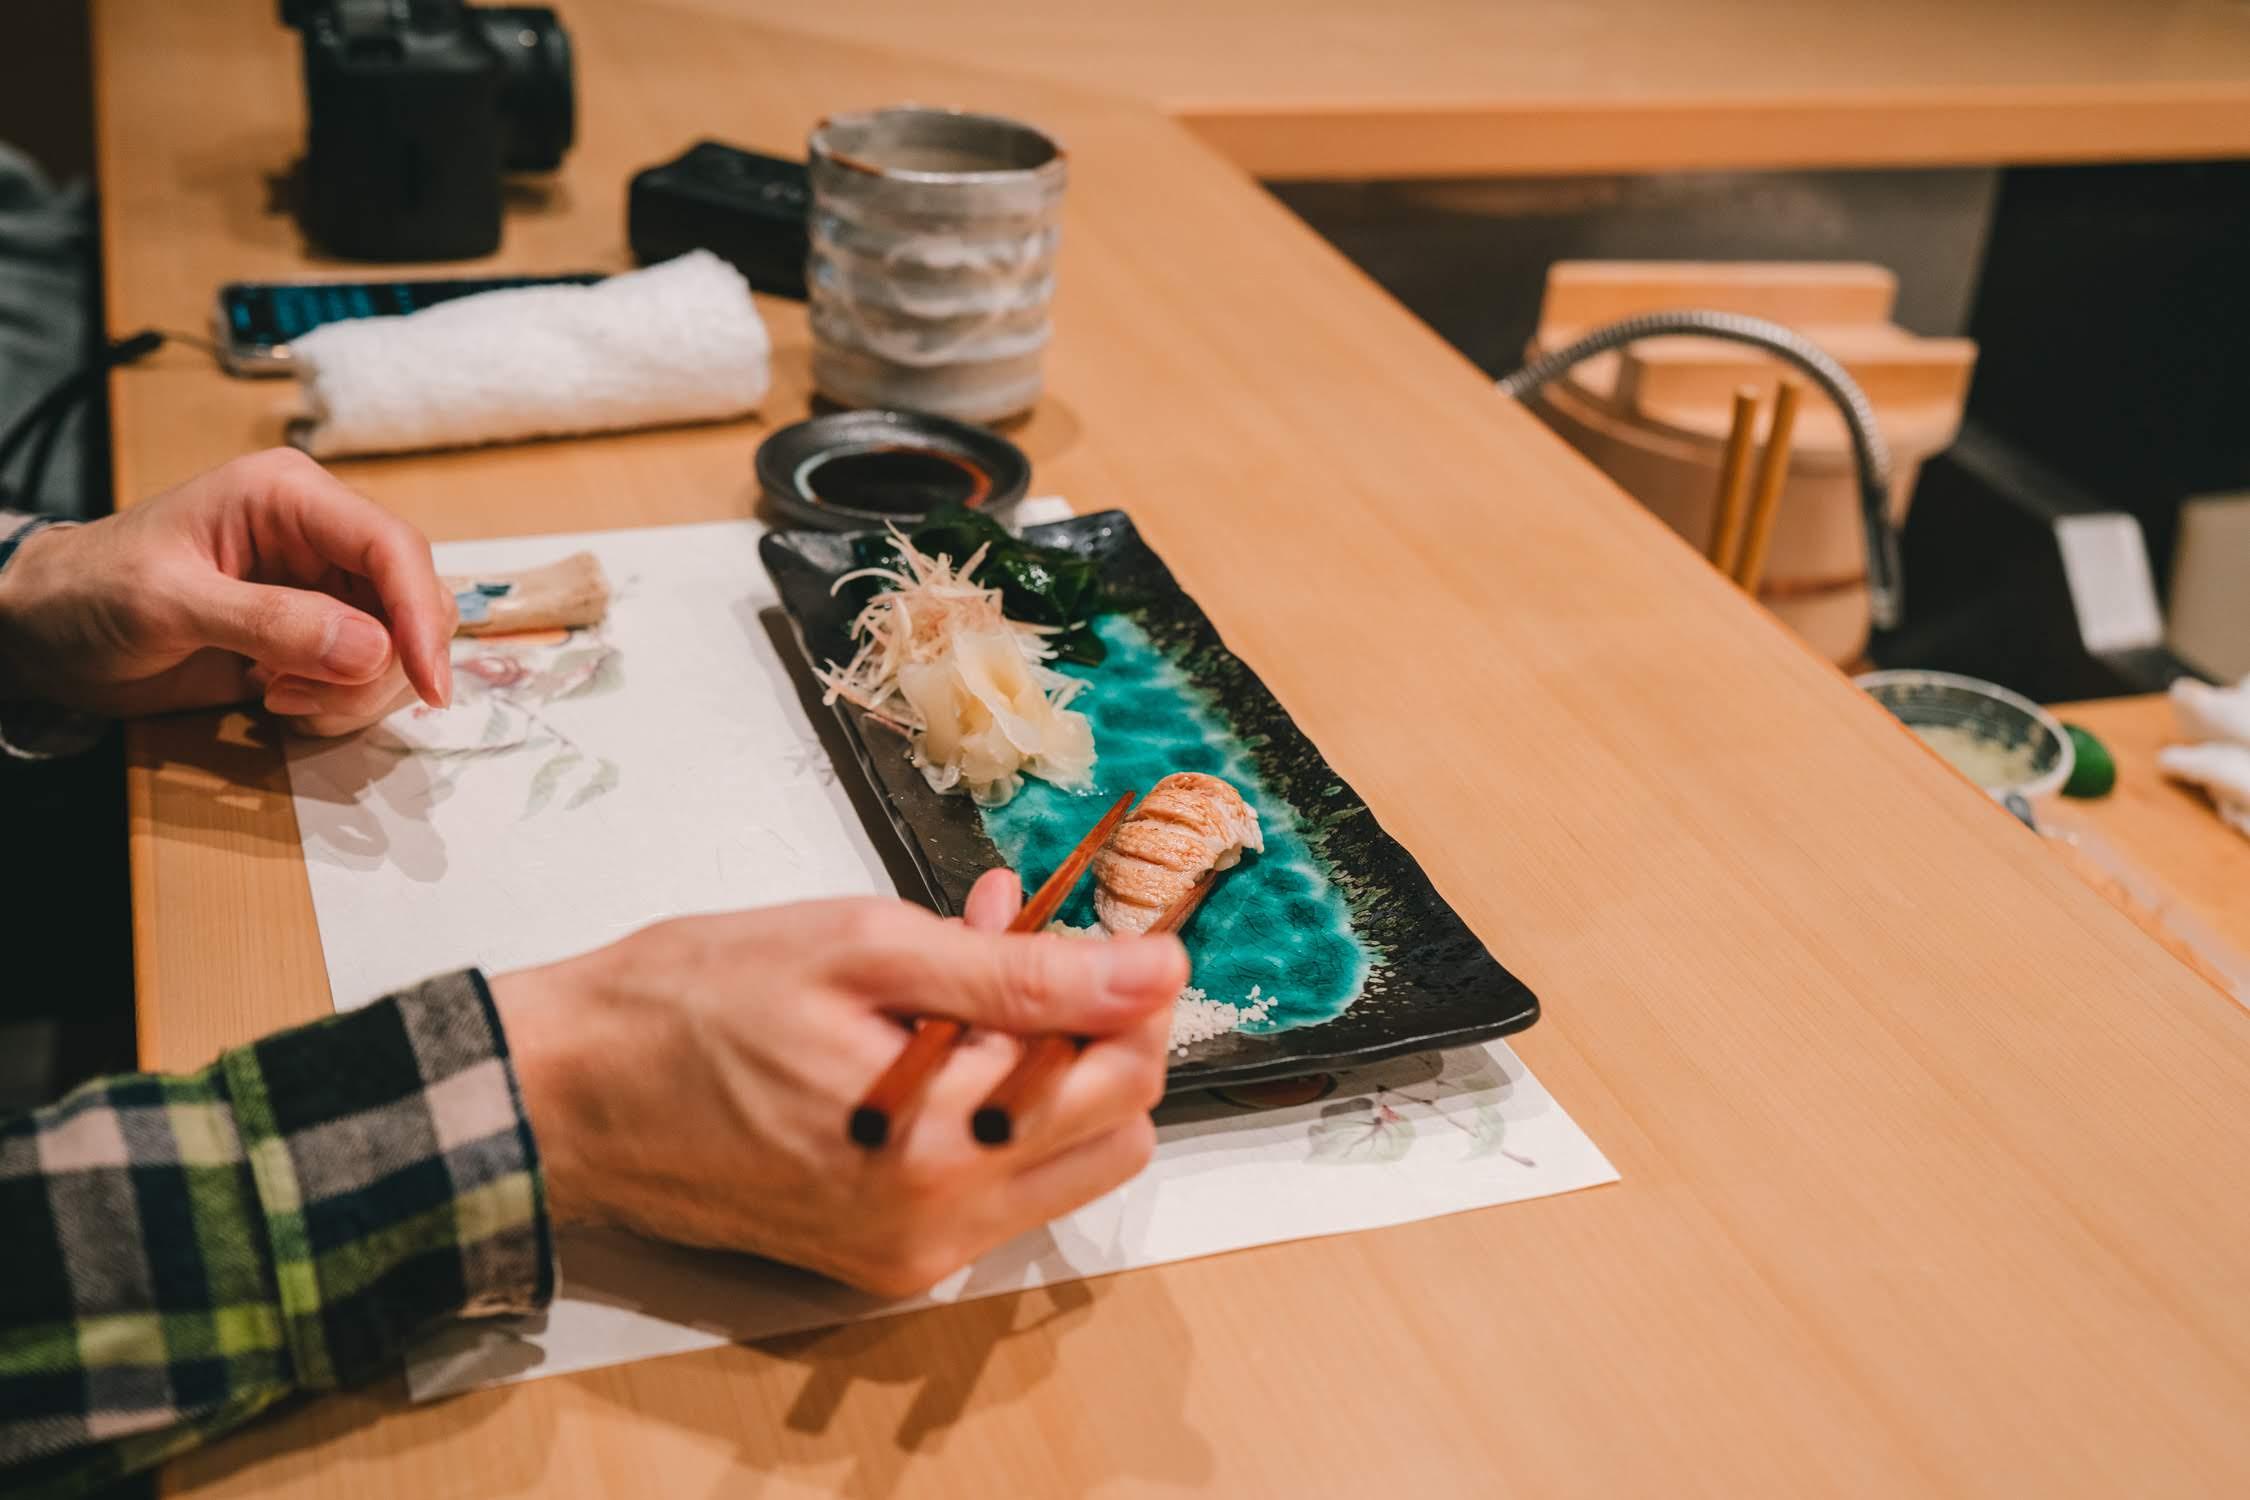 大通り沿いにひっそりと佇む寿司割烹「くるり」で最高の料理達をいただいてきました。